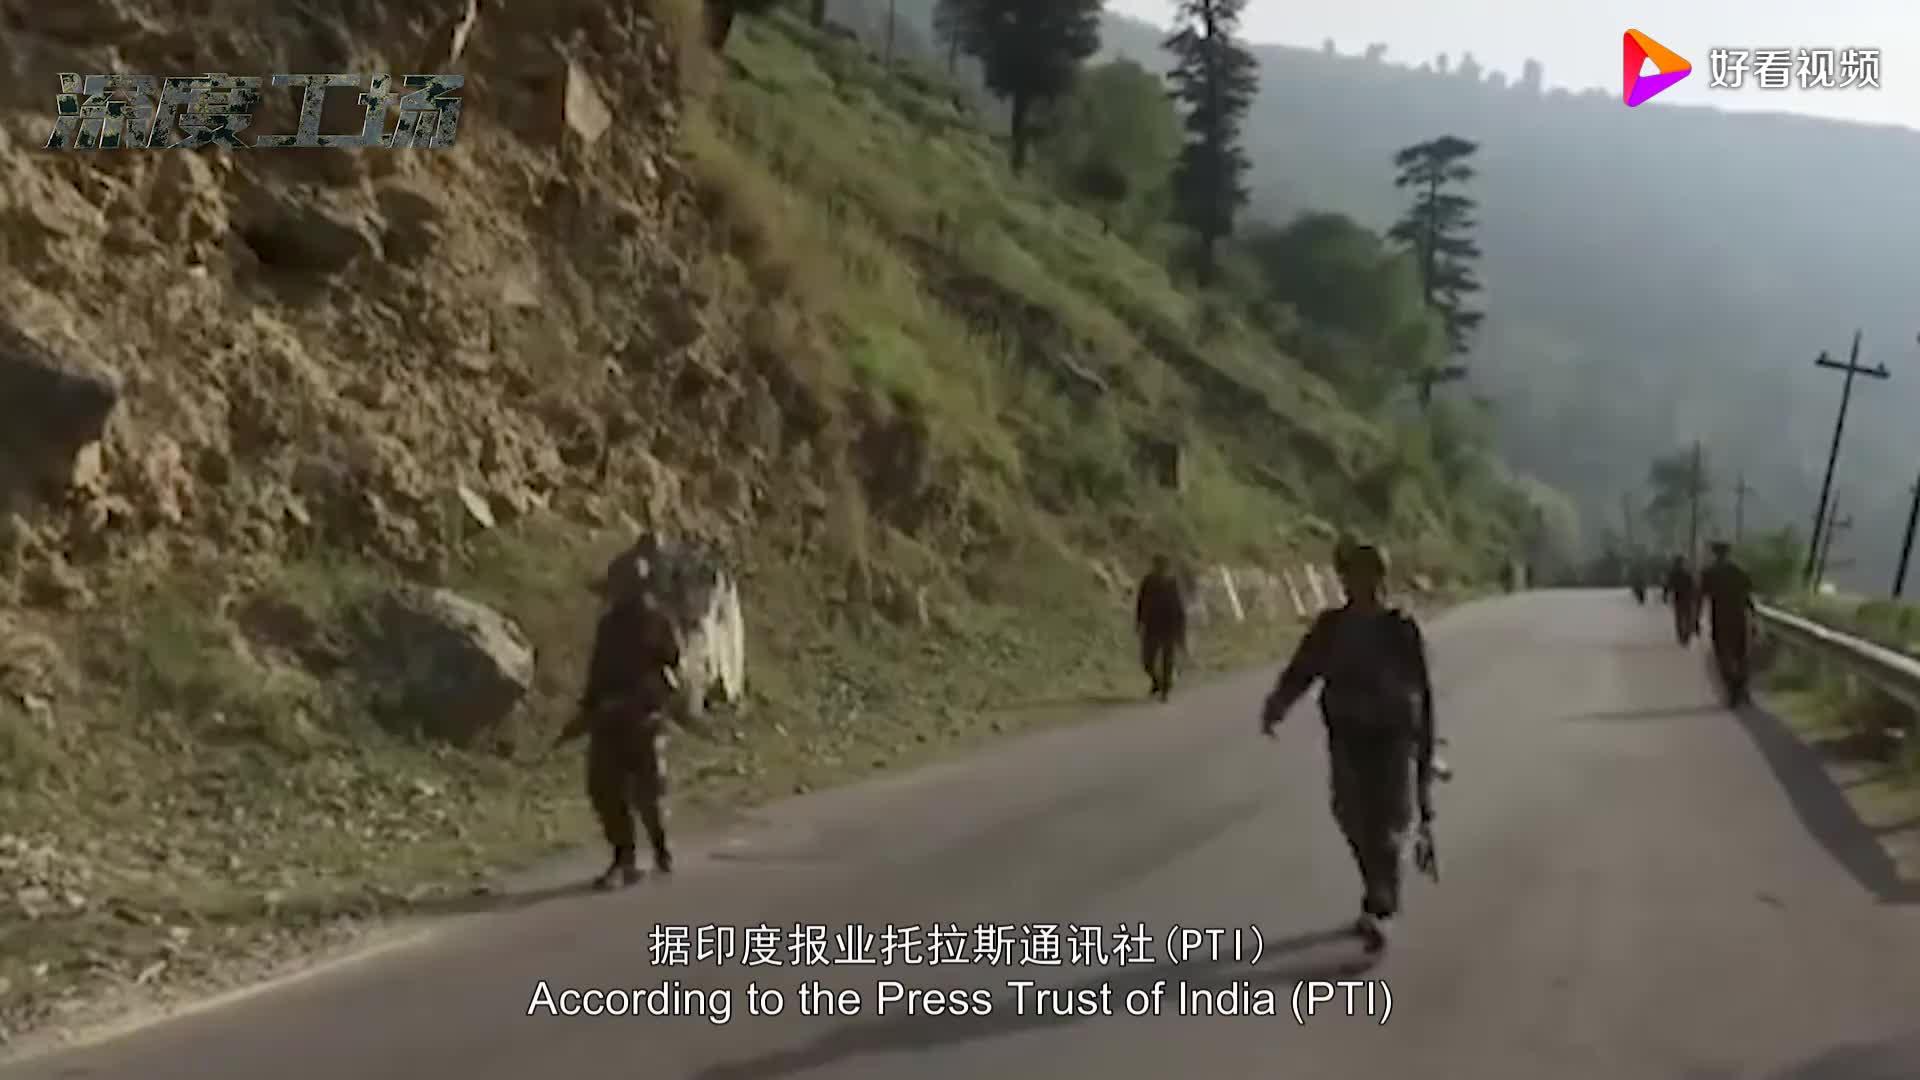 印度边防军夜晚进入山区:边境线想占便宜:结果踩地雷倒在血泊中